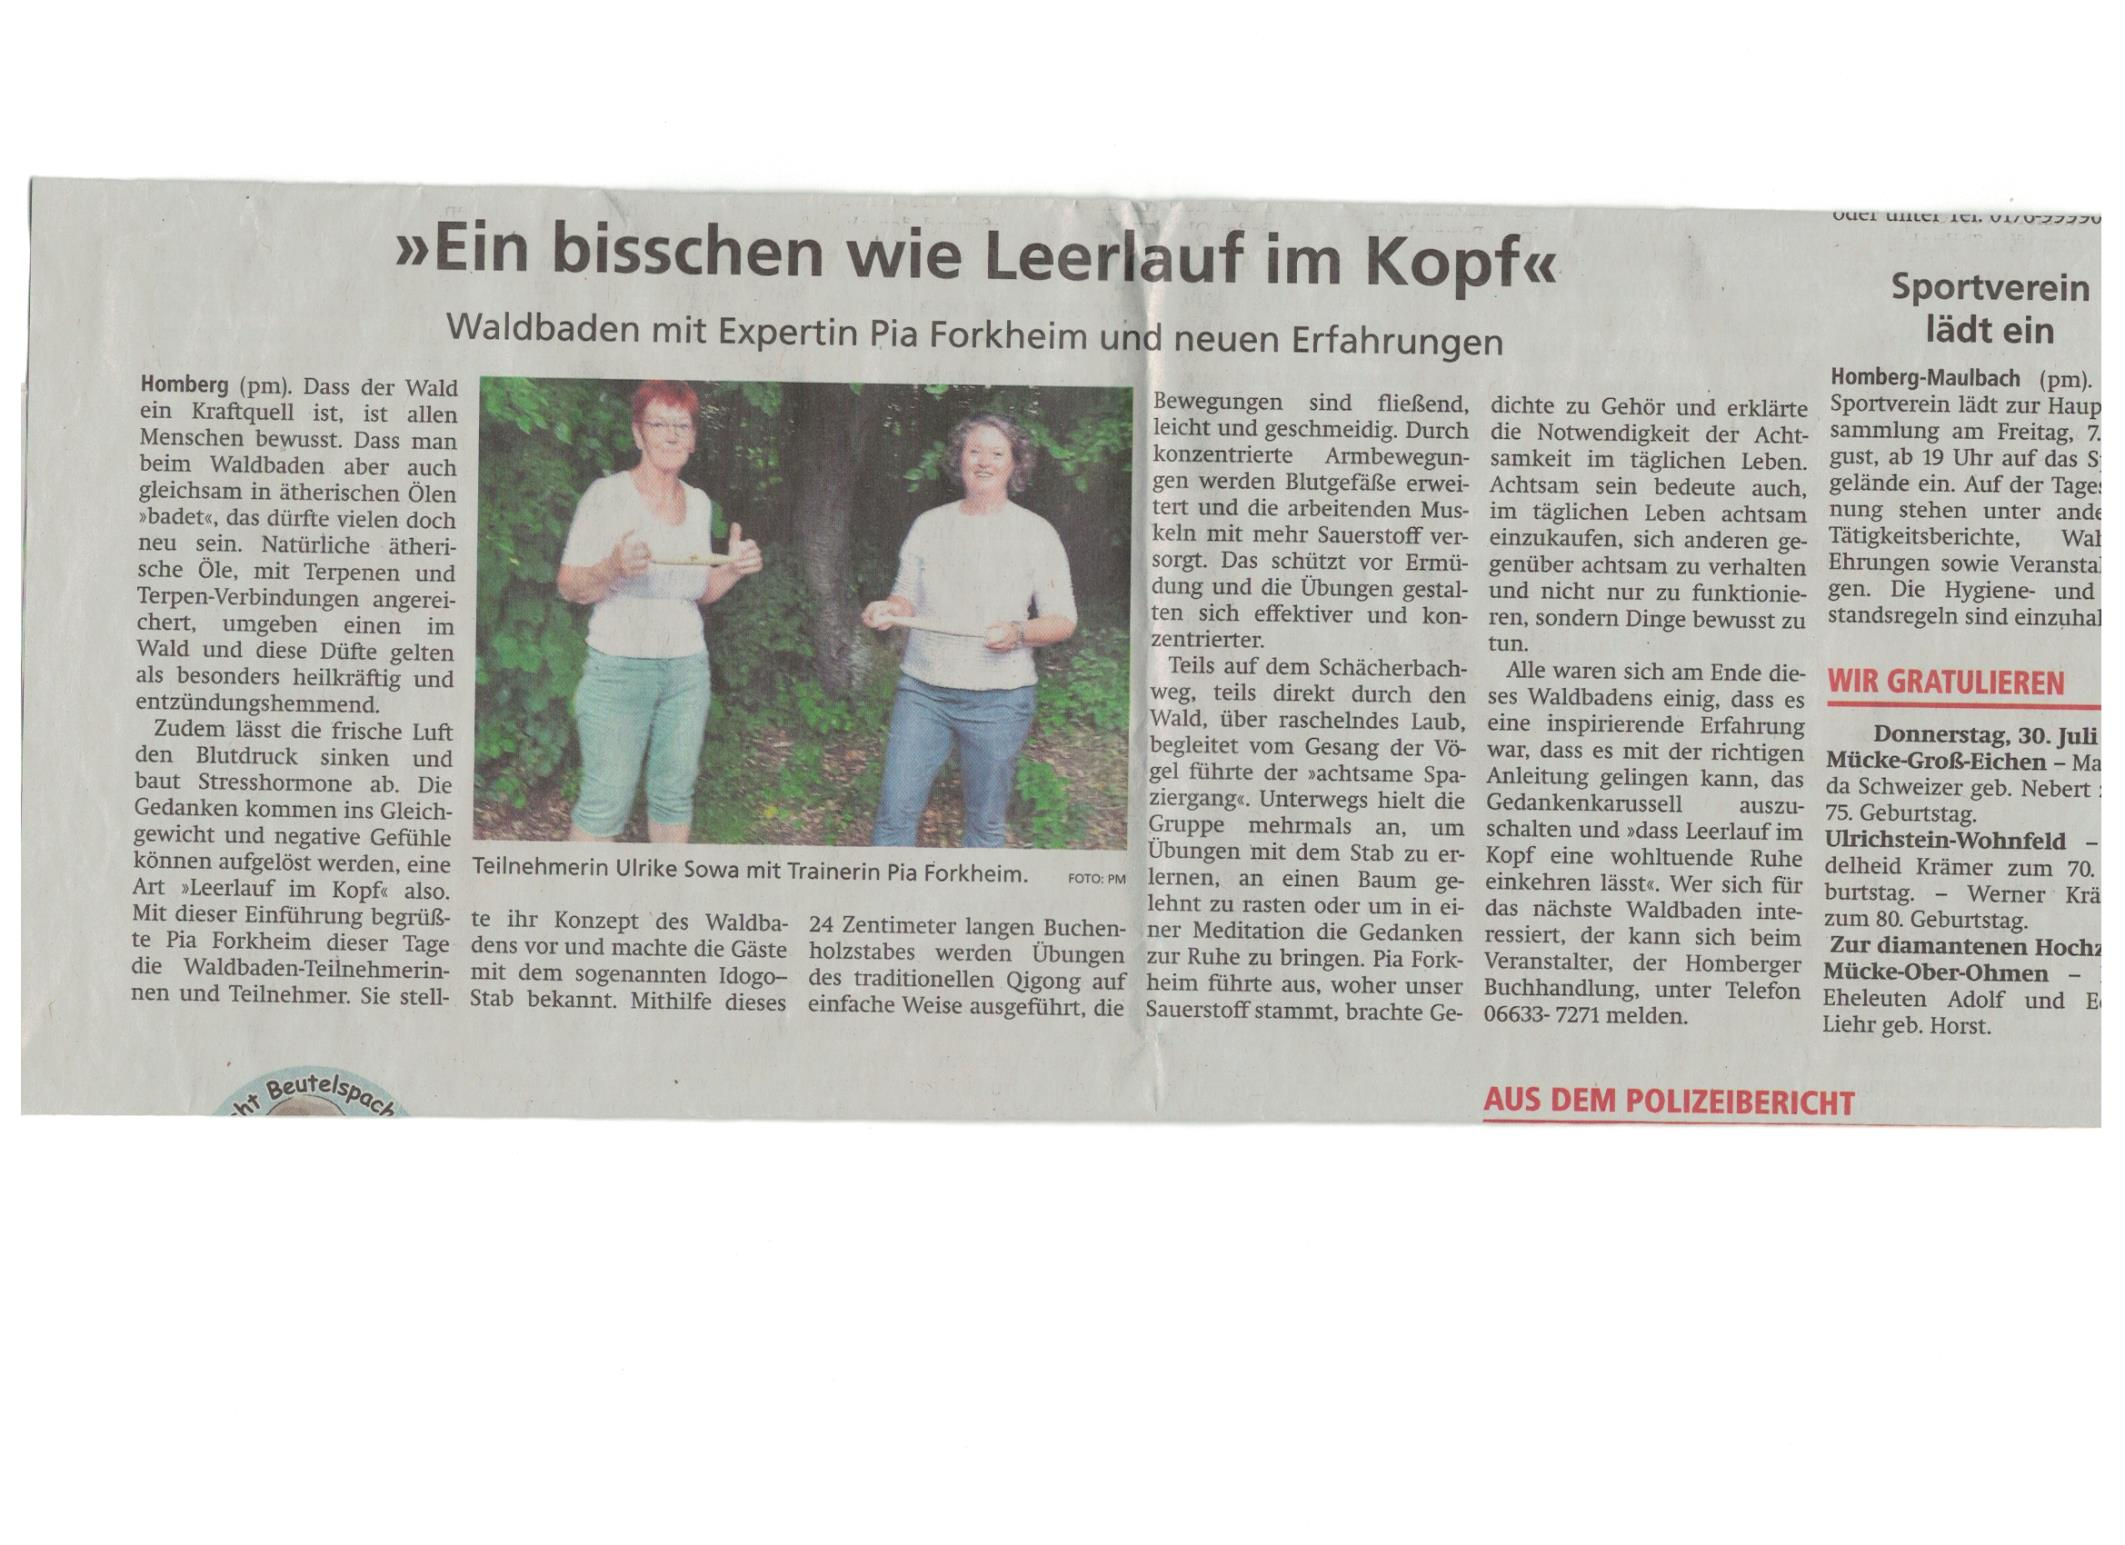 Zeitungsartikel der Alsfelder Allgemeinen Zeitung zum Thema Waldbaden, Leerlauf im Kopf mit Pia Forkheim